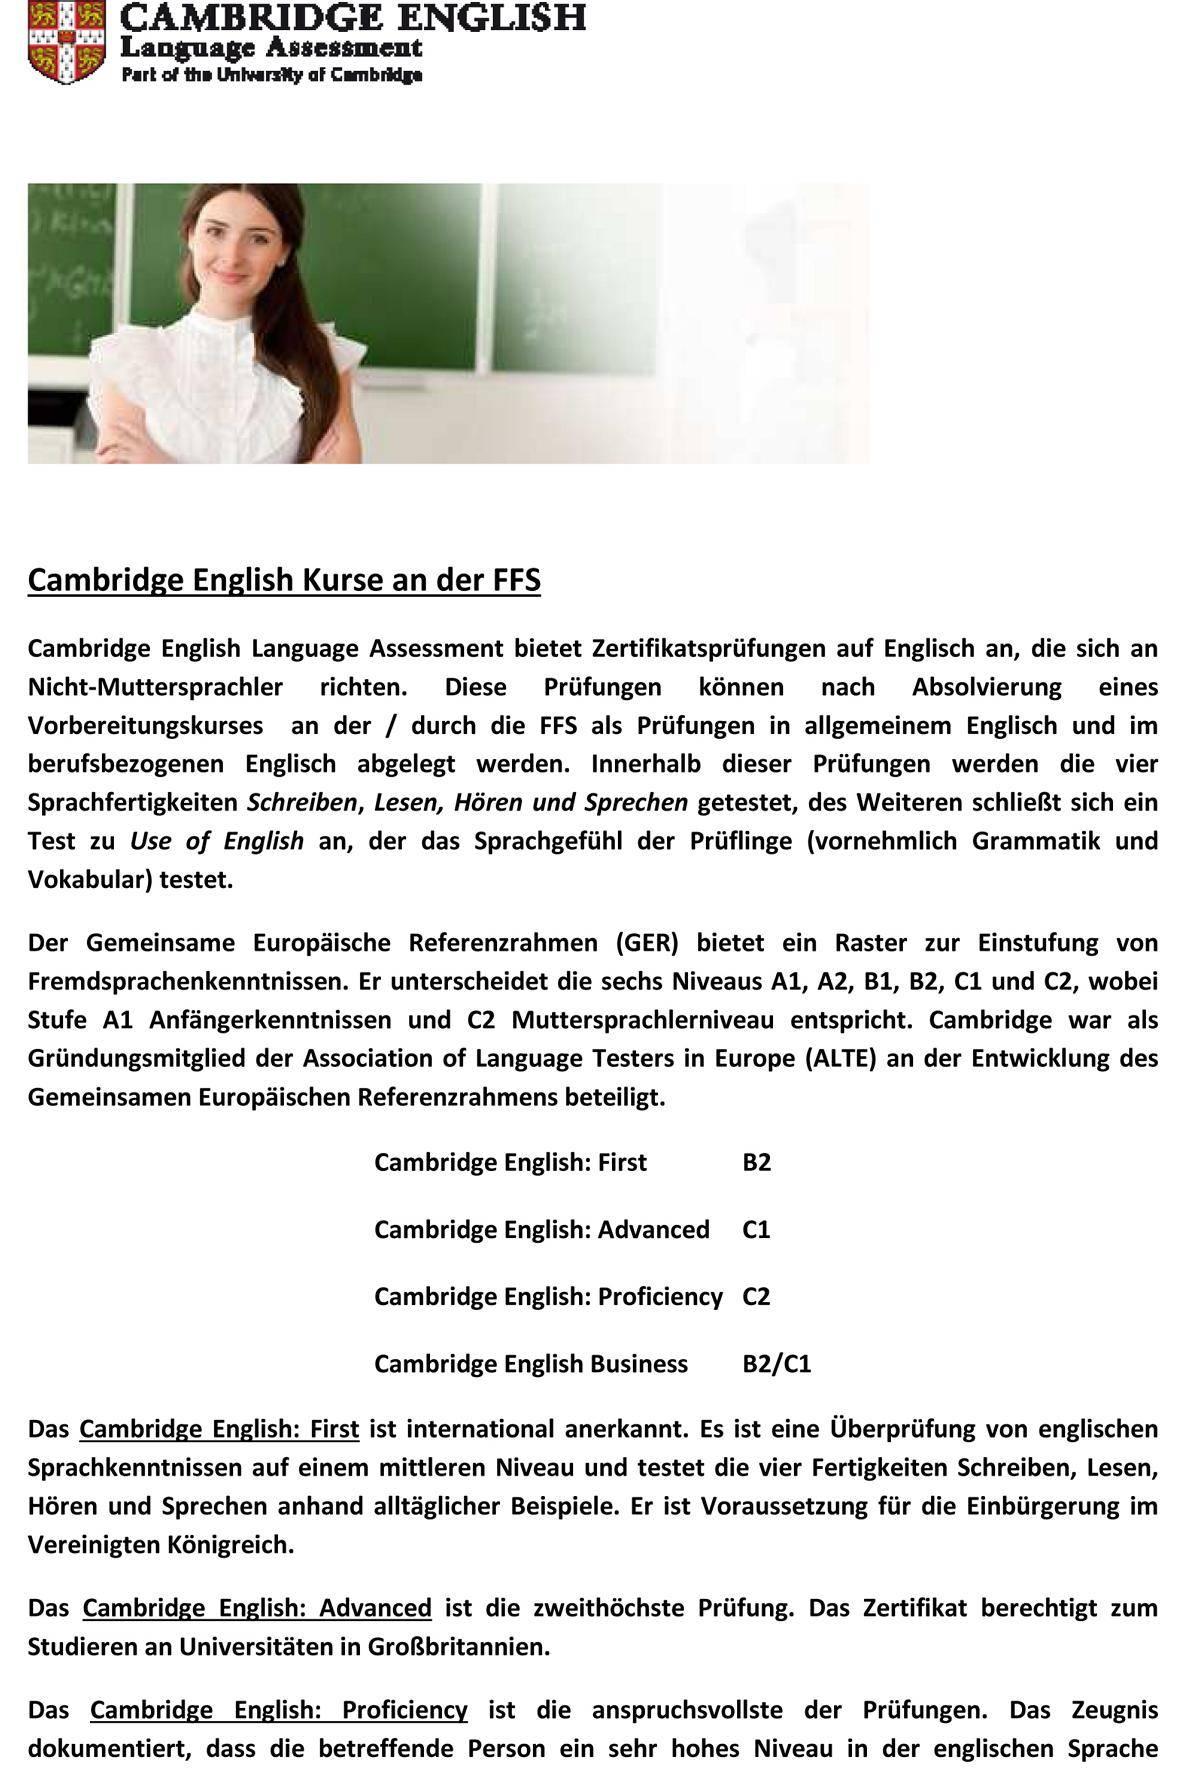 Vorteile von Cambridge English für FFS